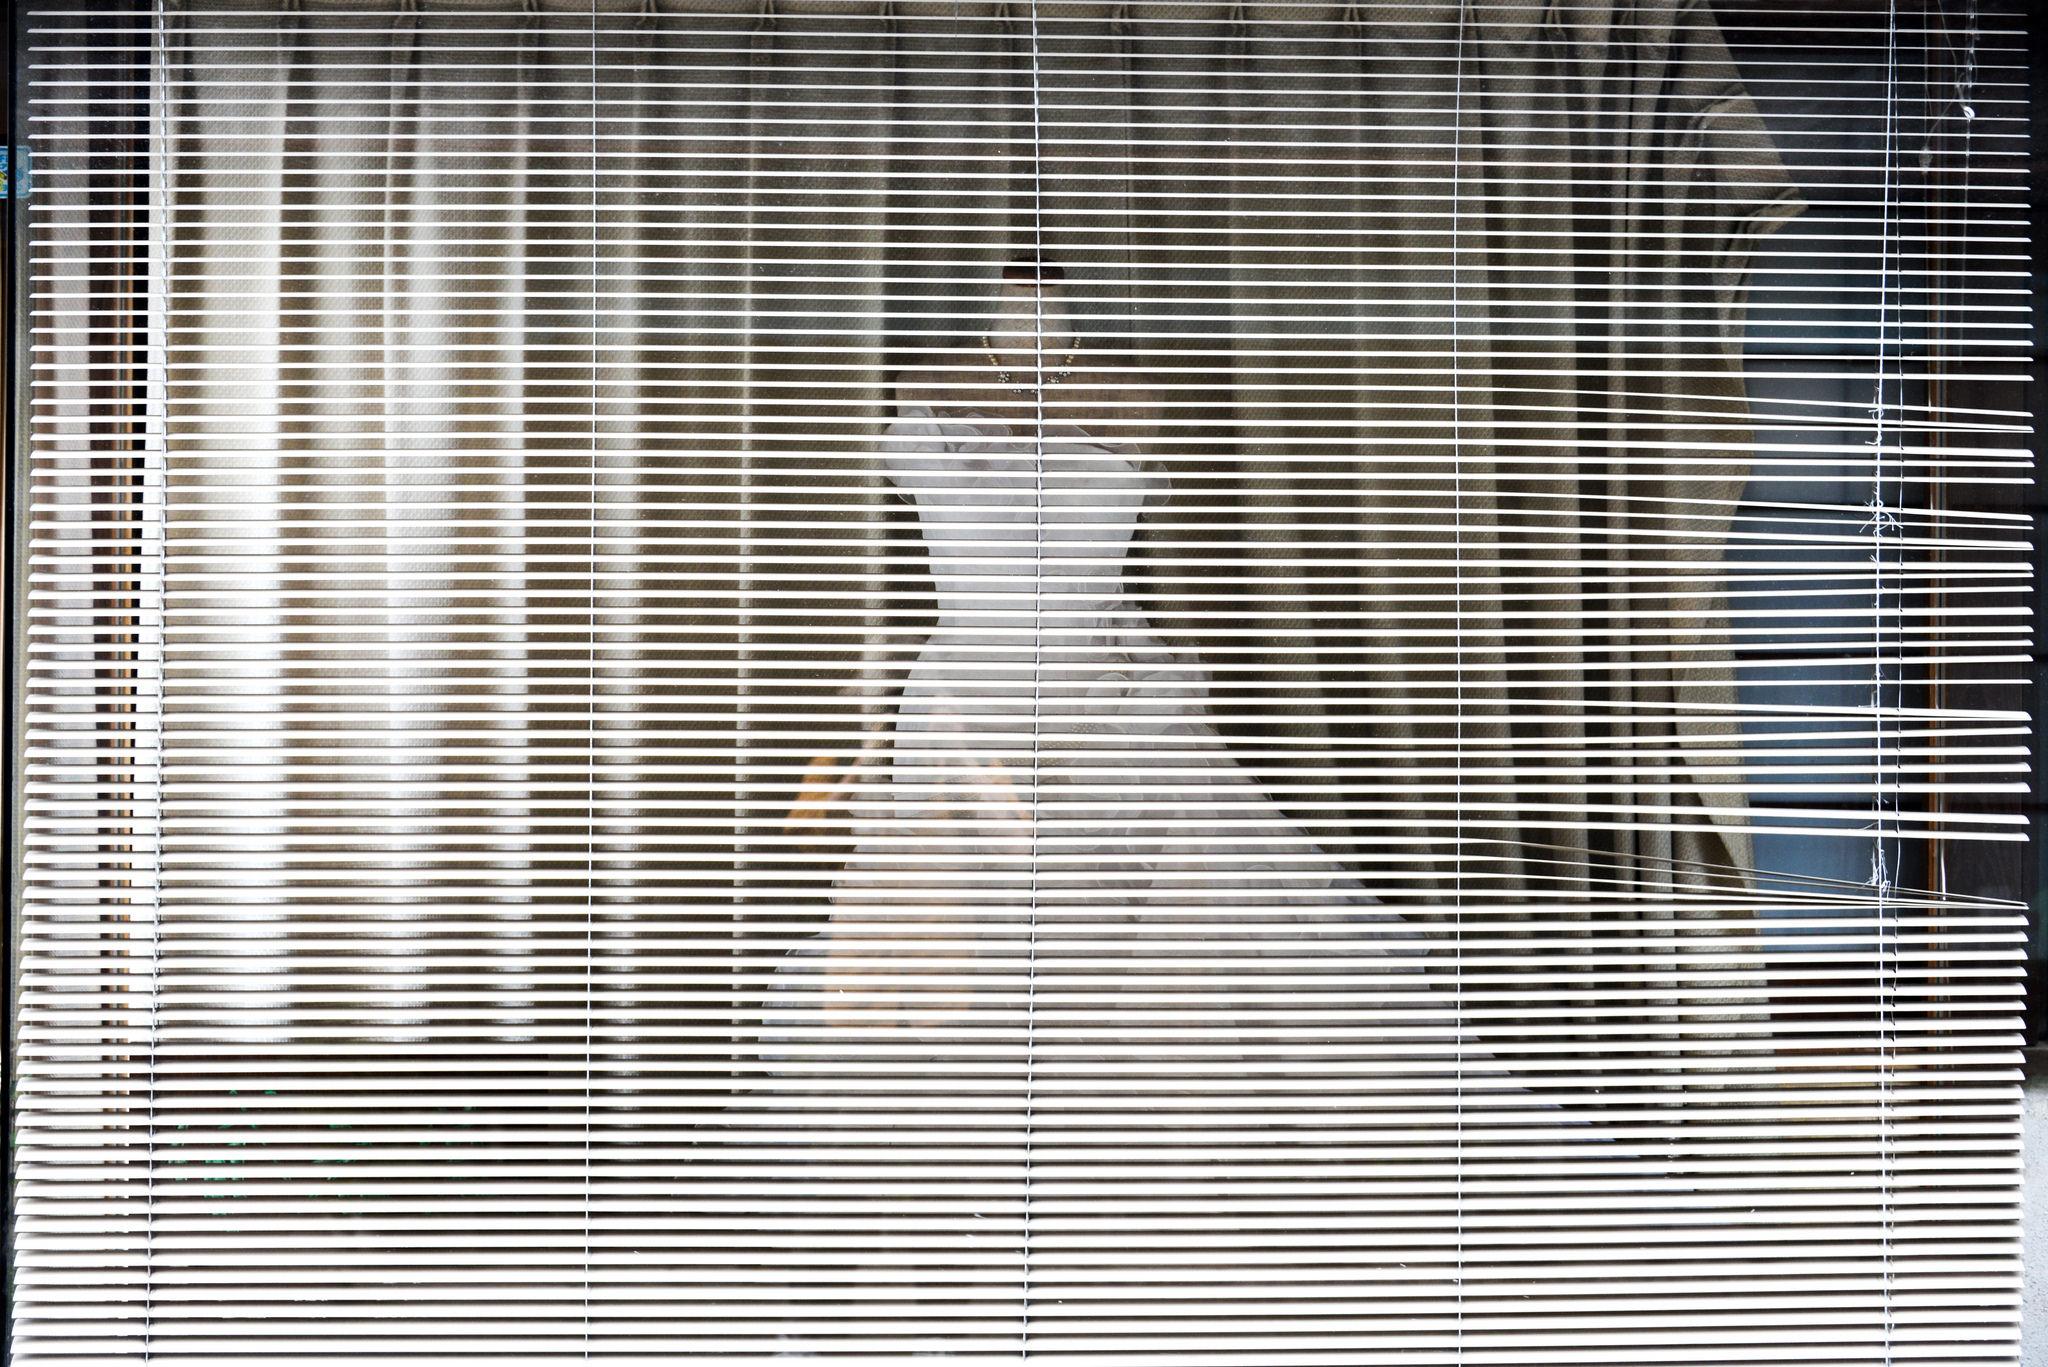 Le choix de ma robe – Partie 4